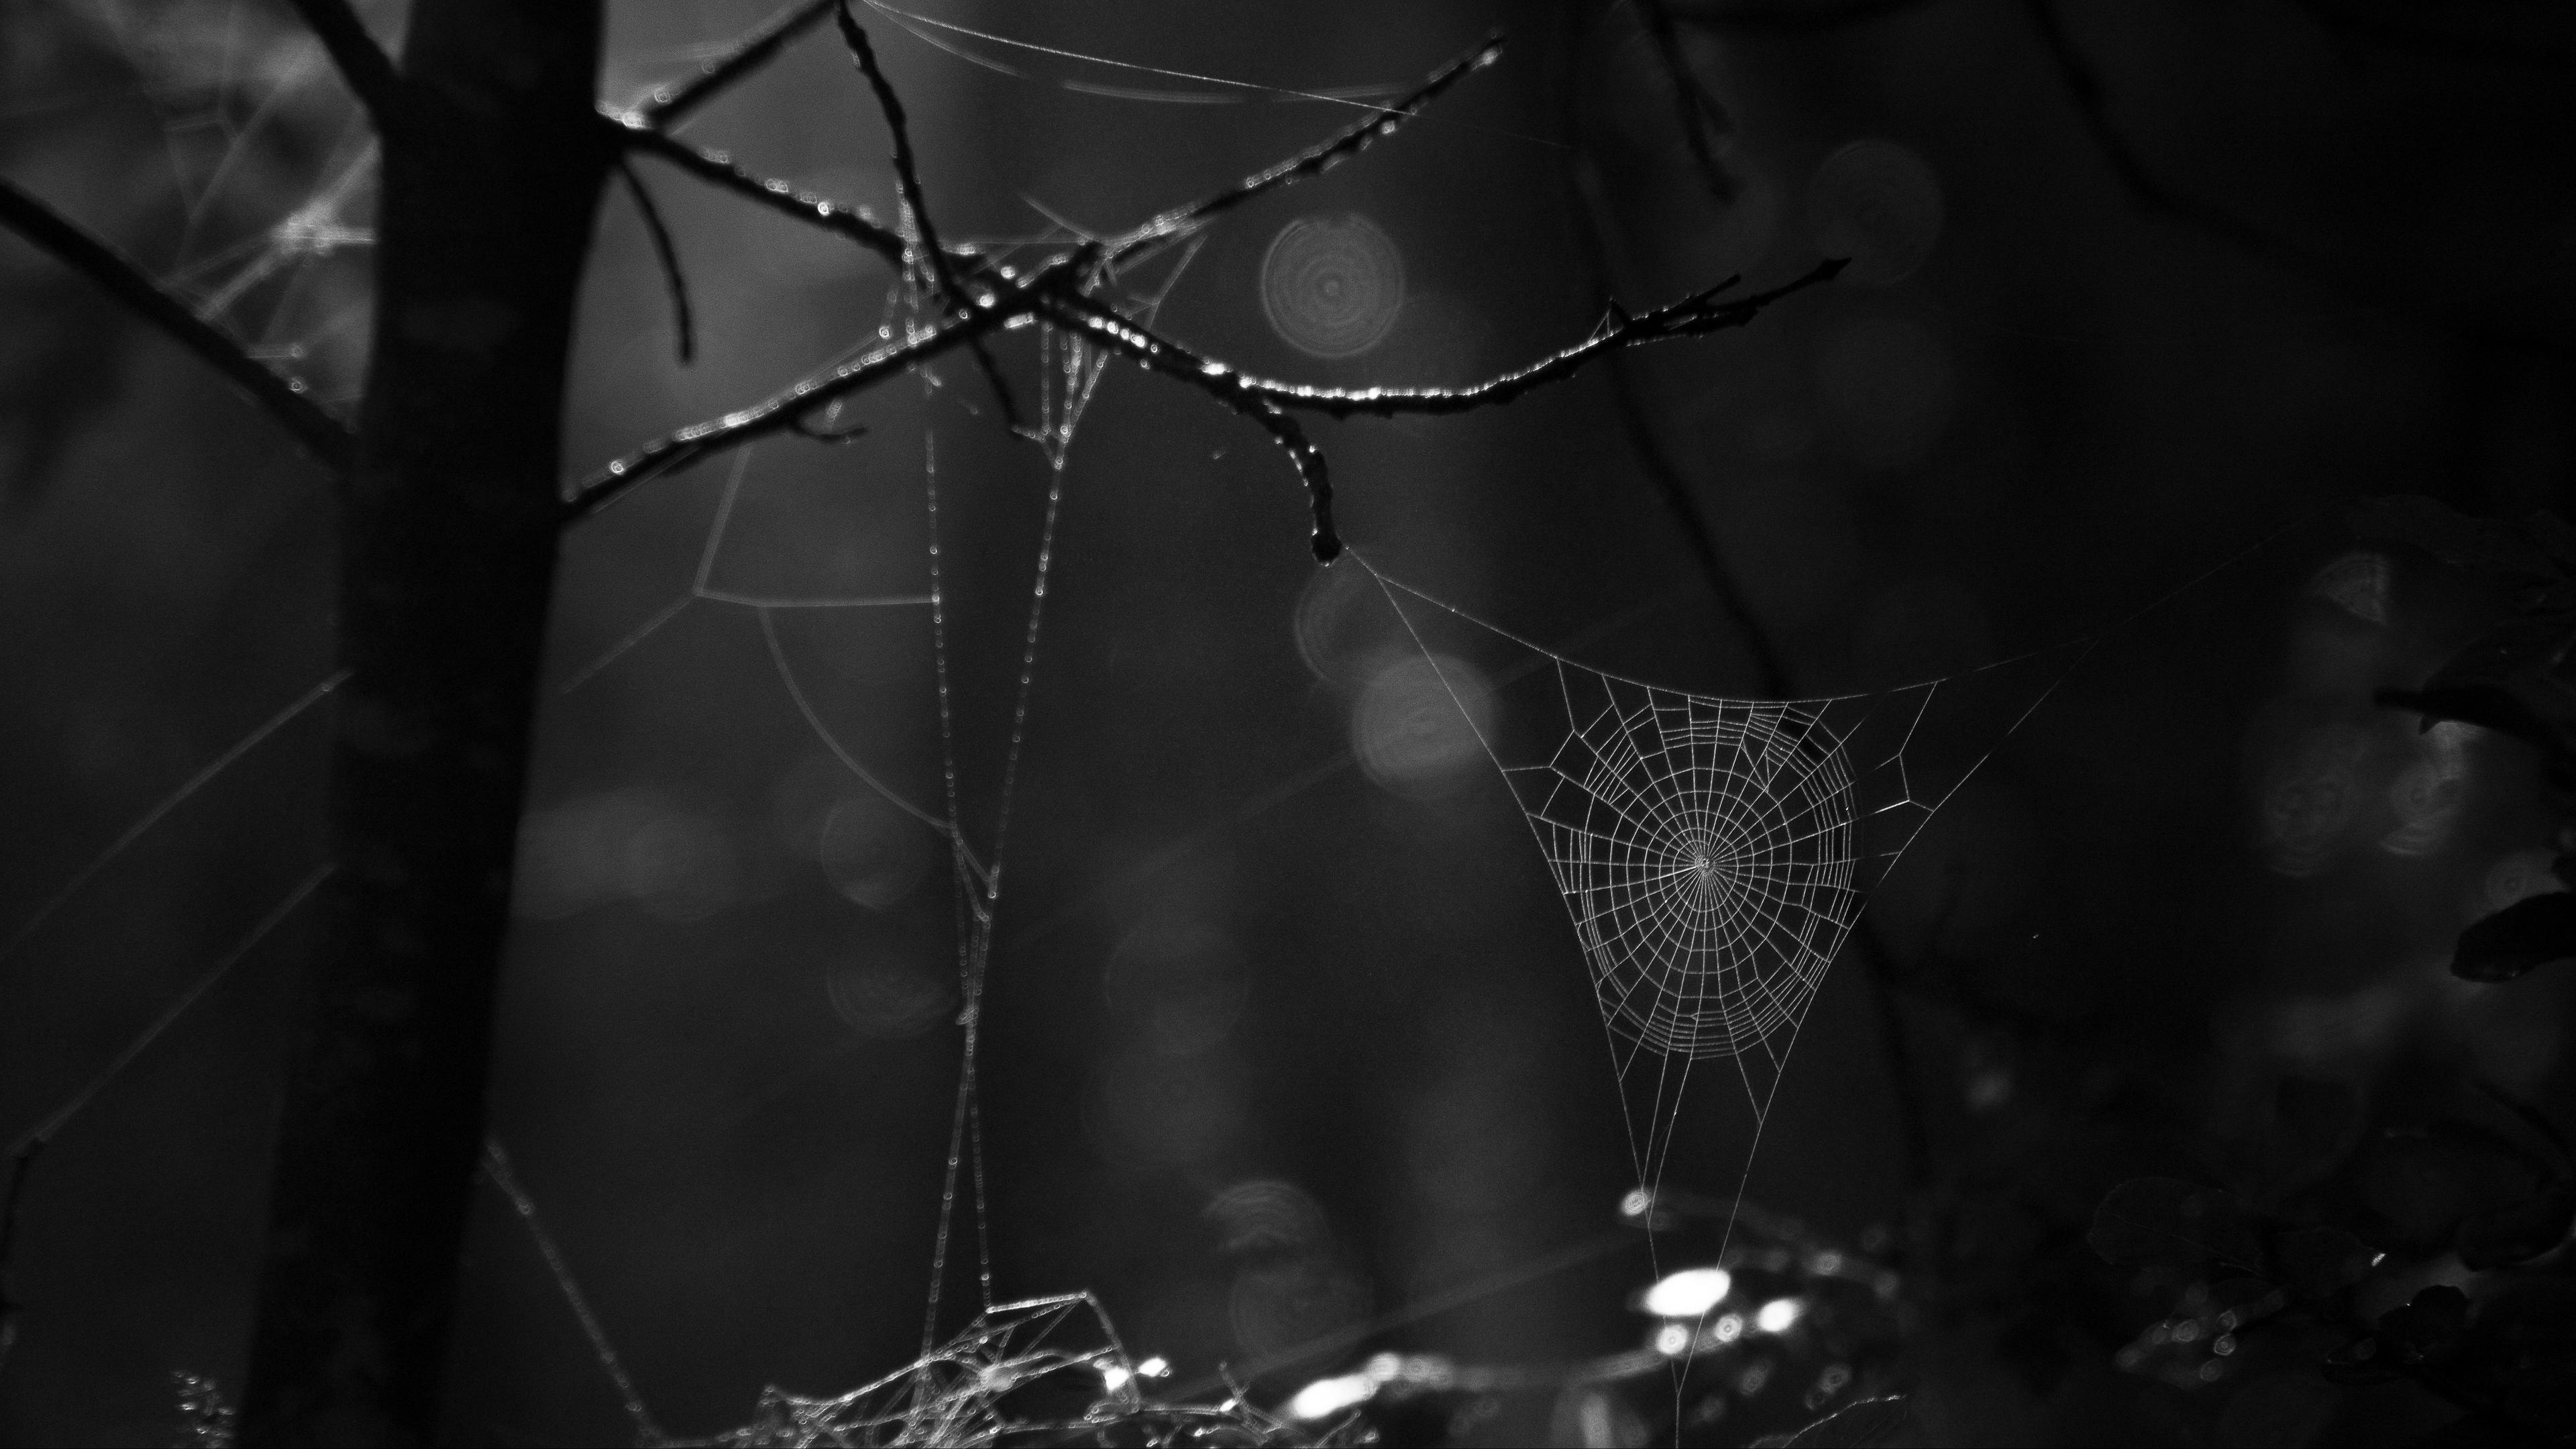 spiderweb bw dark wicker glare 4k 1540575162 - spiderweb, bw, dark, wicker, glare 4k - spiderweb, Dark, bw